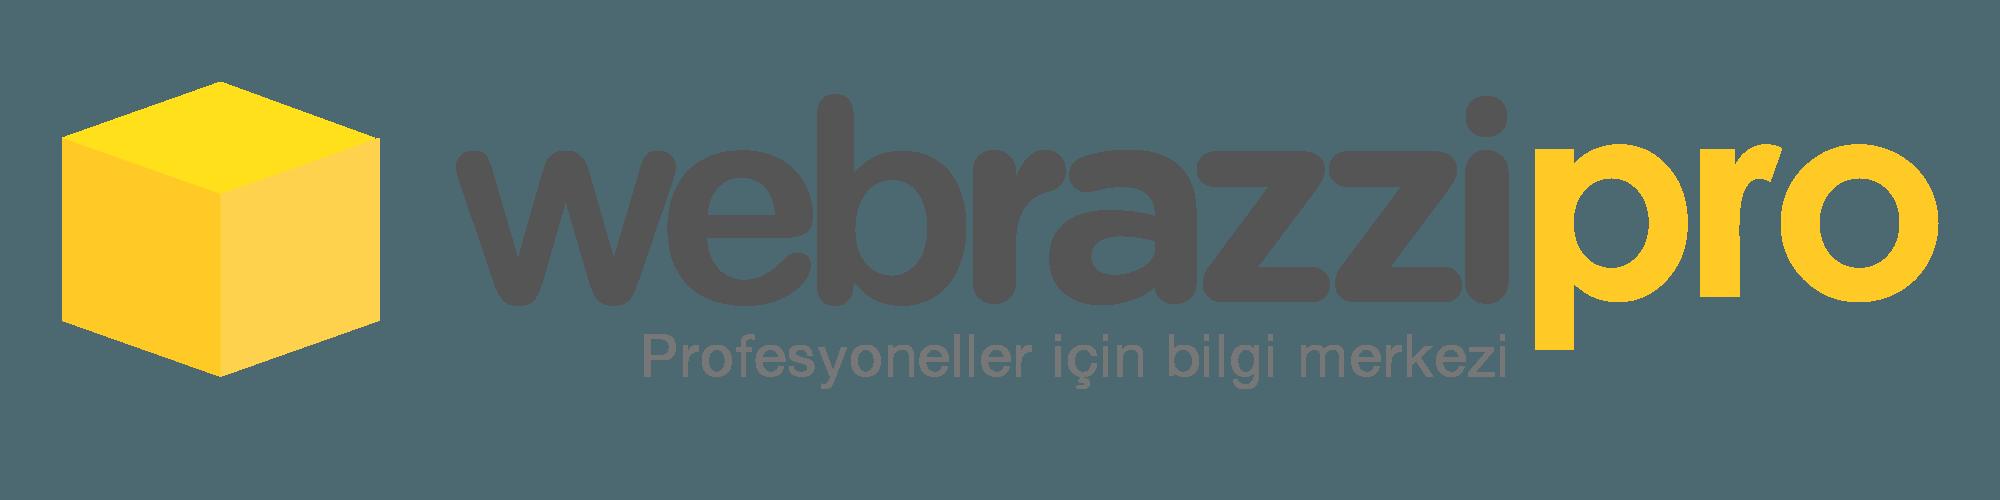 webrazzipro-logo